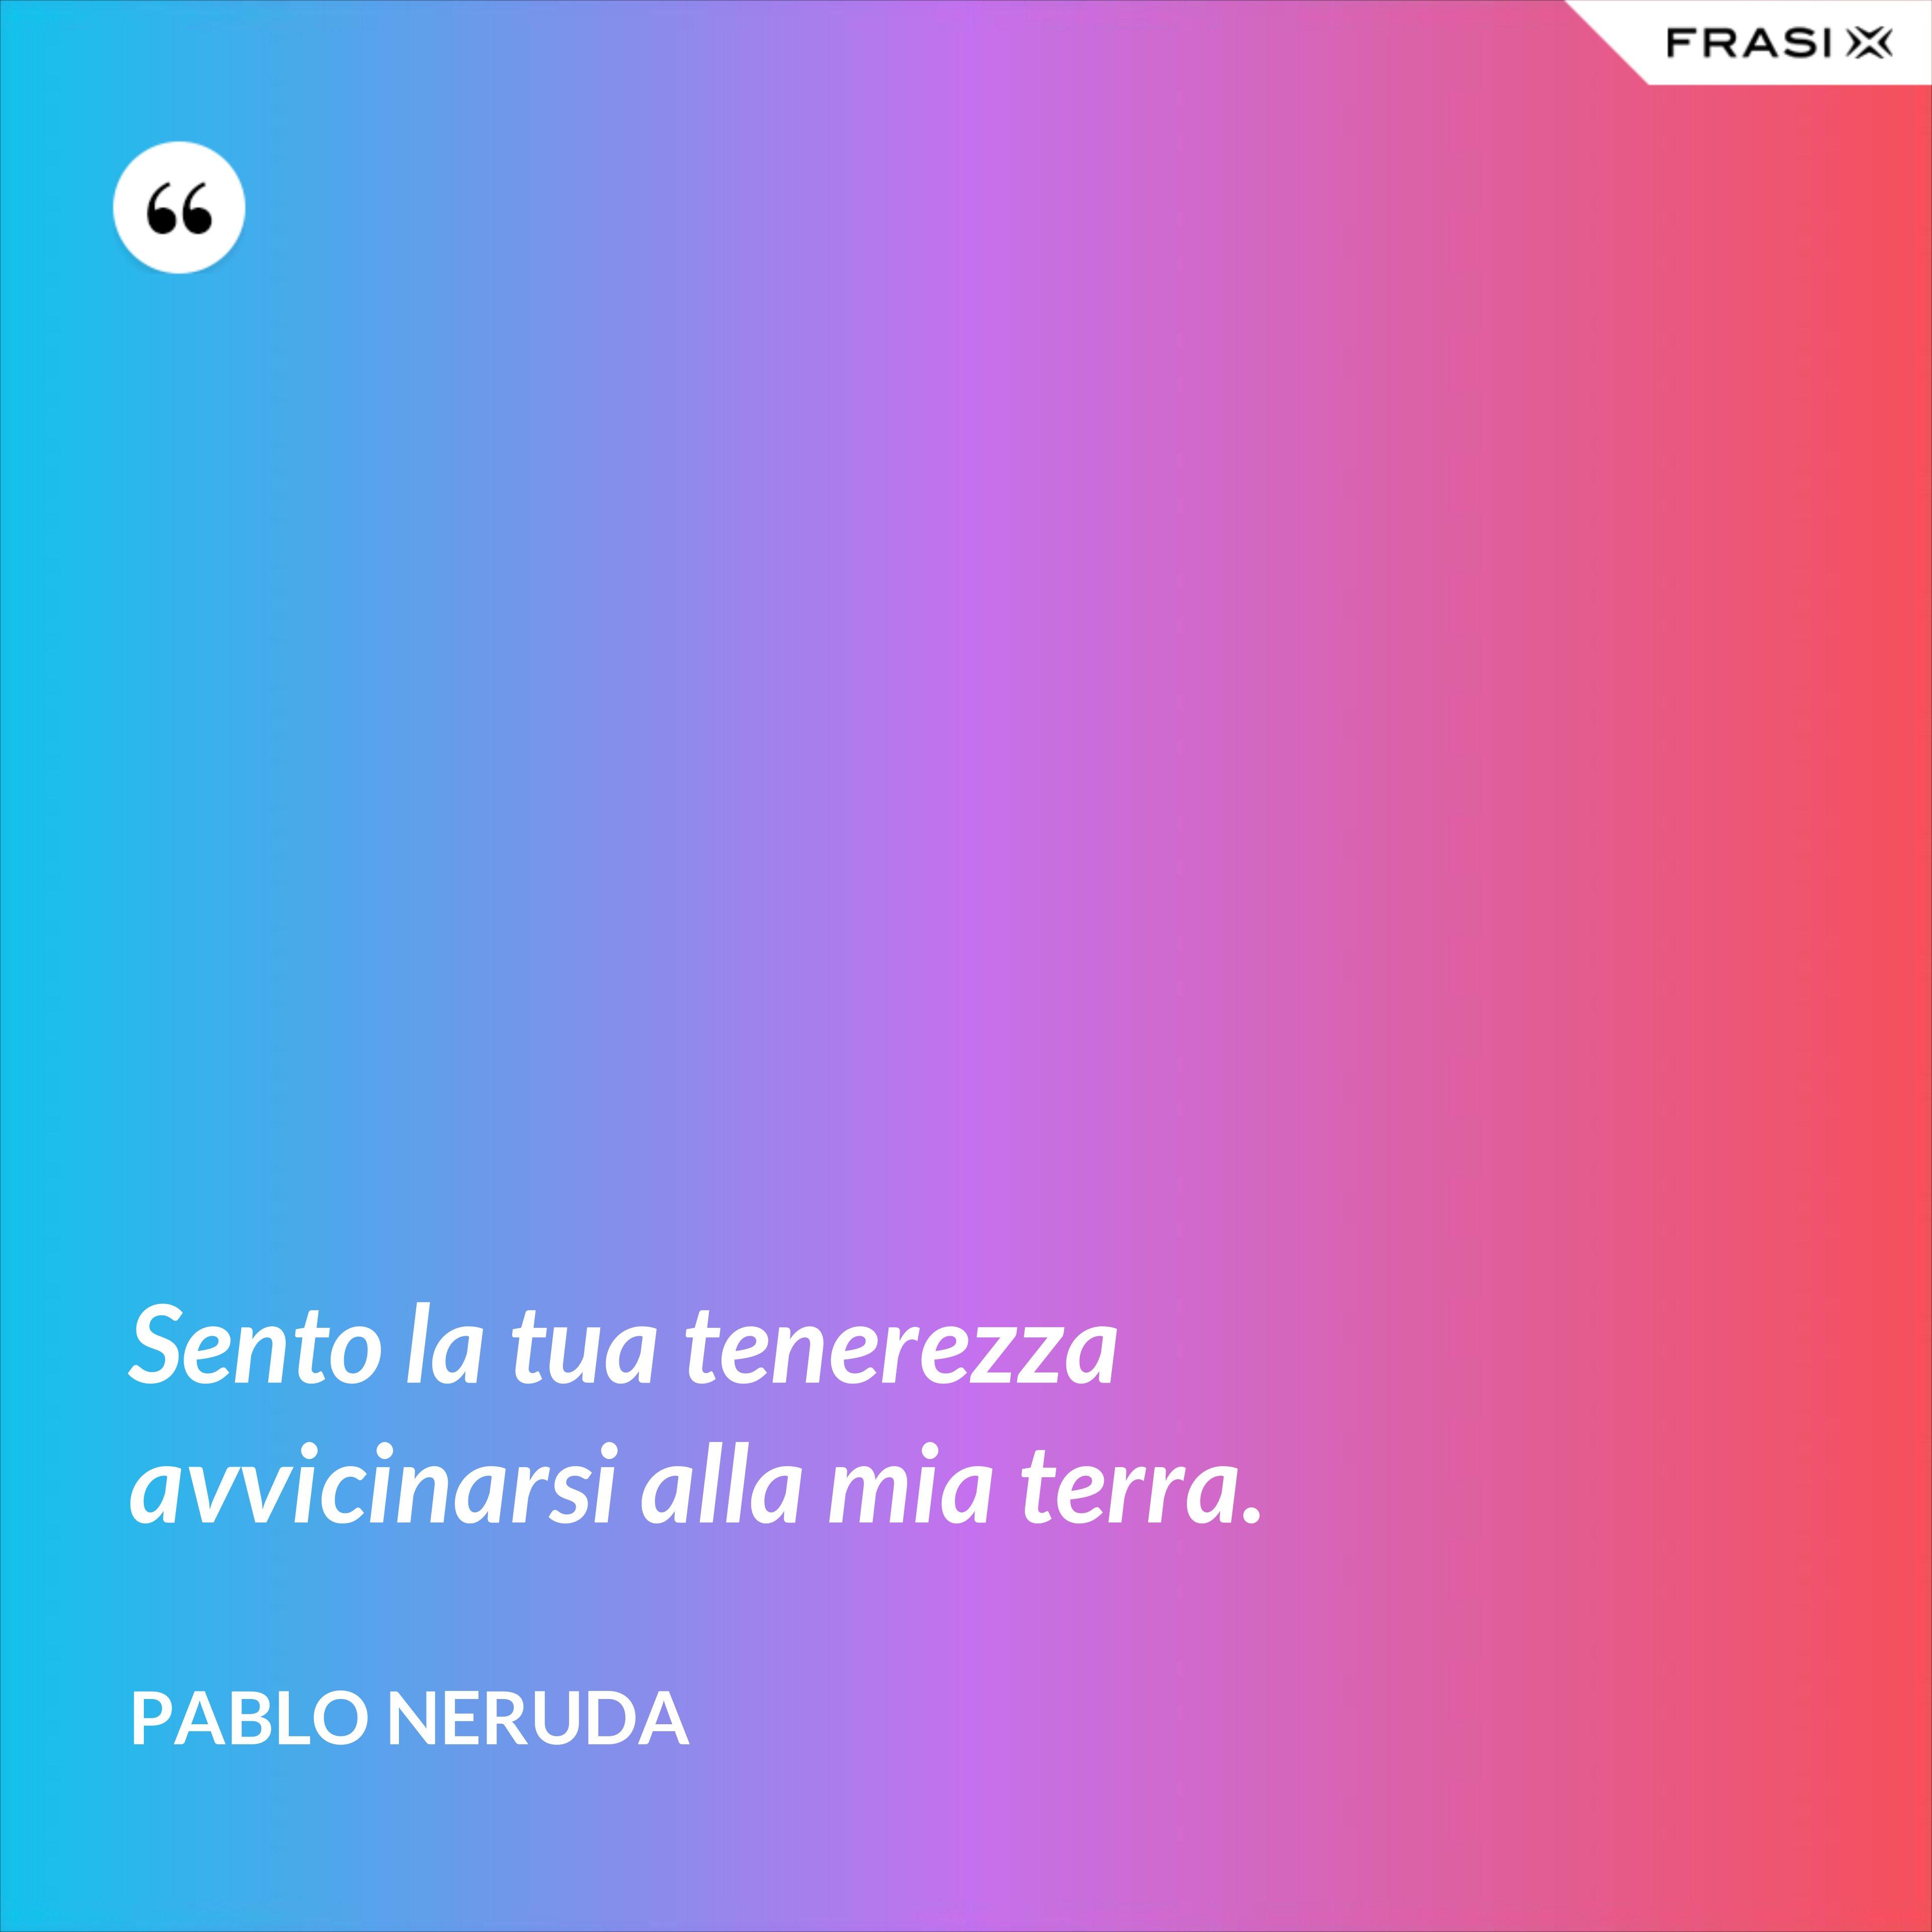 Sento la tua tenerezza avvicinarsi alla mia terra. - Pablo Neruda